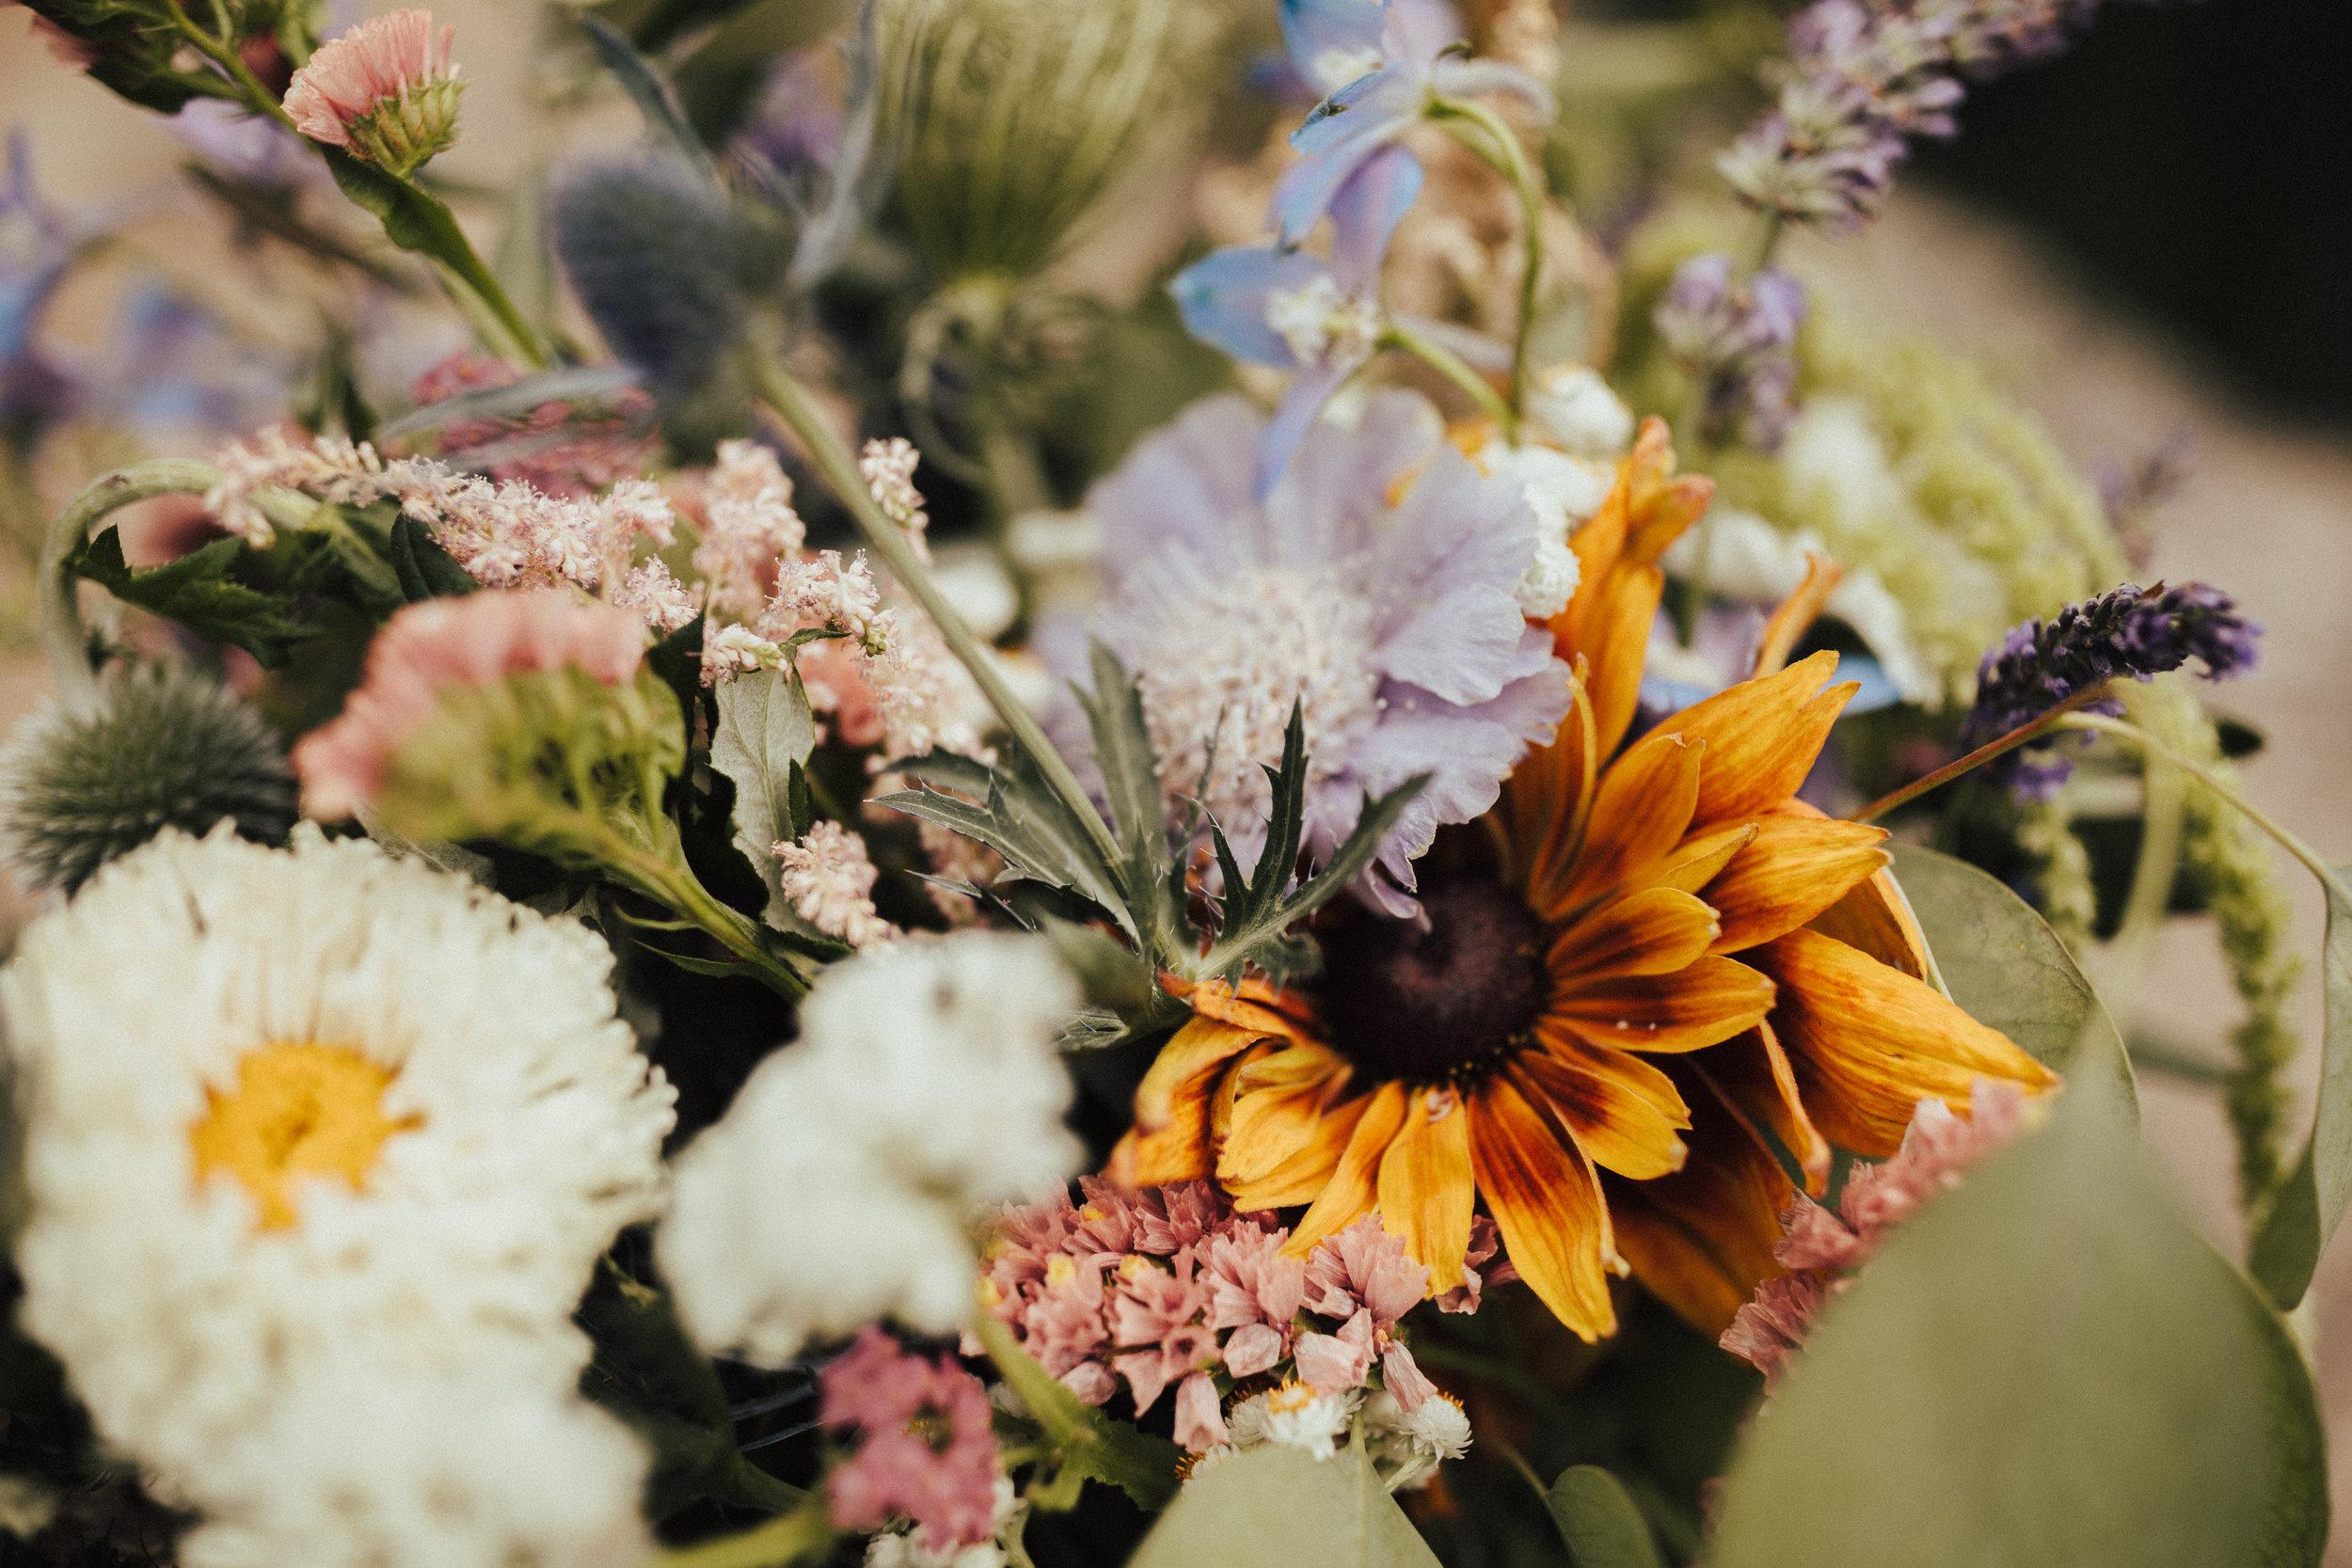 karaline_robby-colchuck-lake-elopement-washington-2018-peytoncurry-4534.jpg